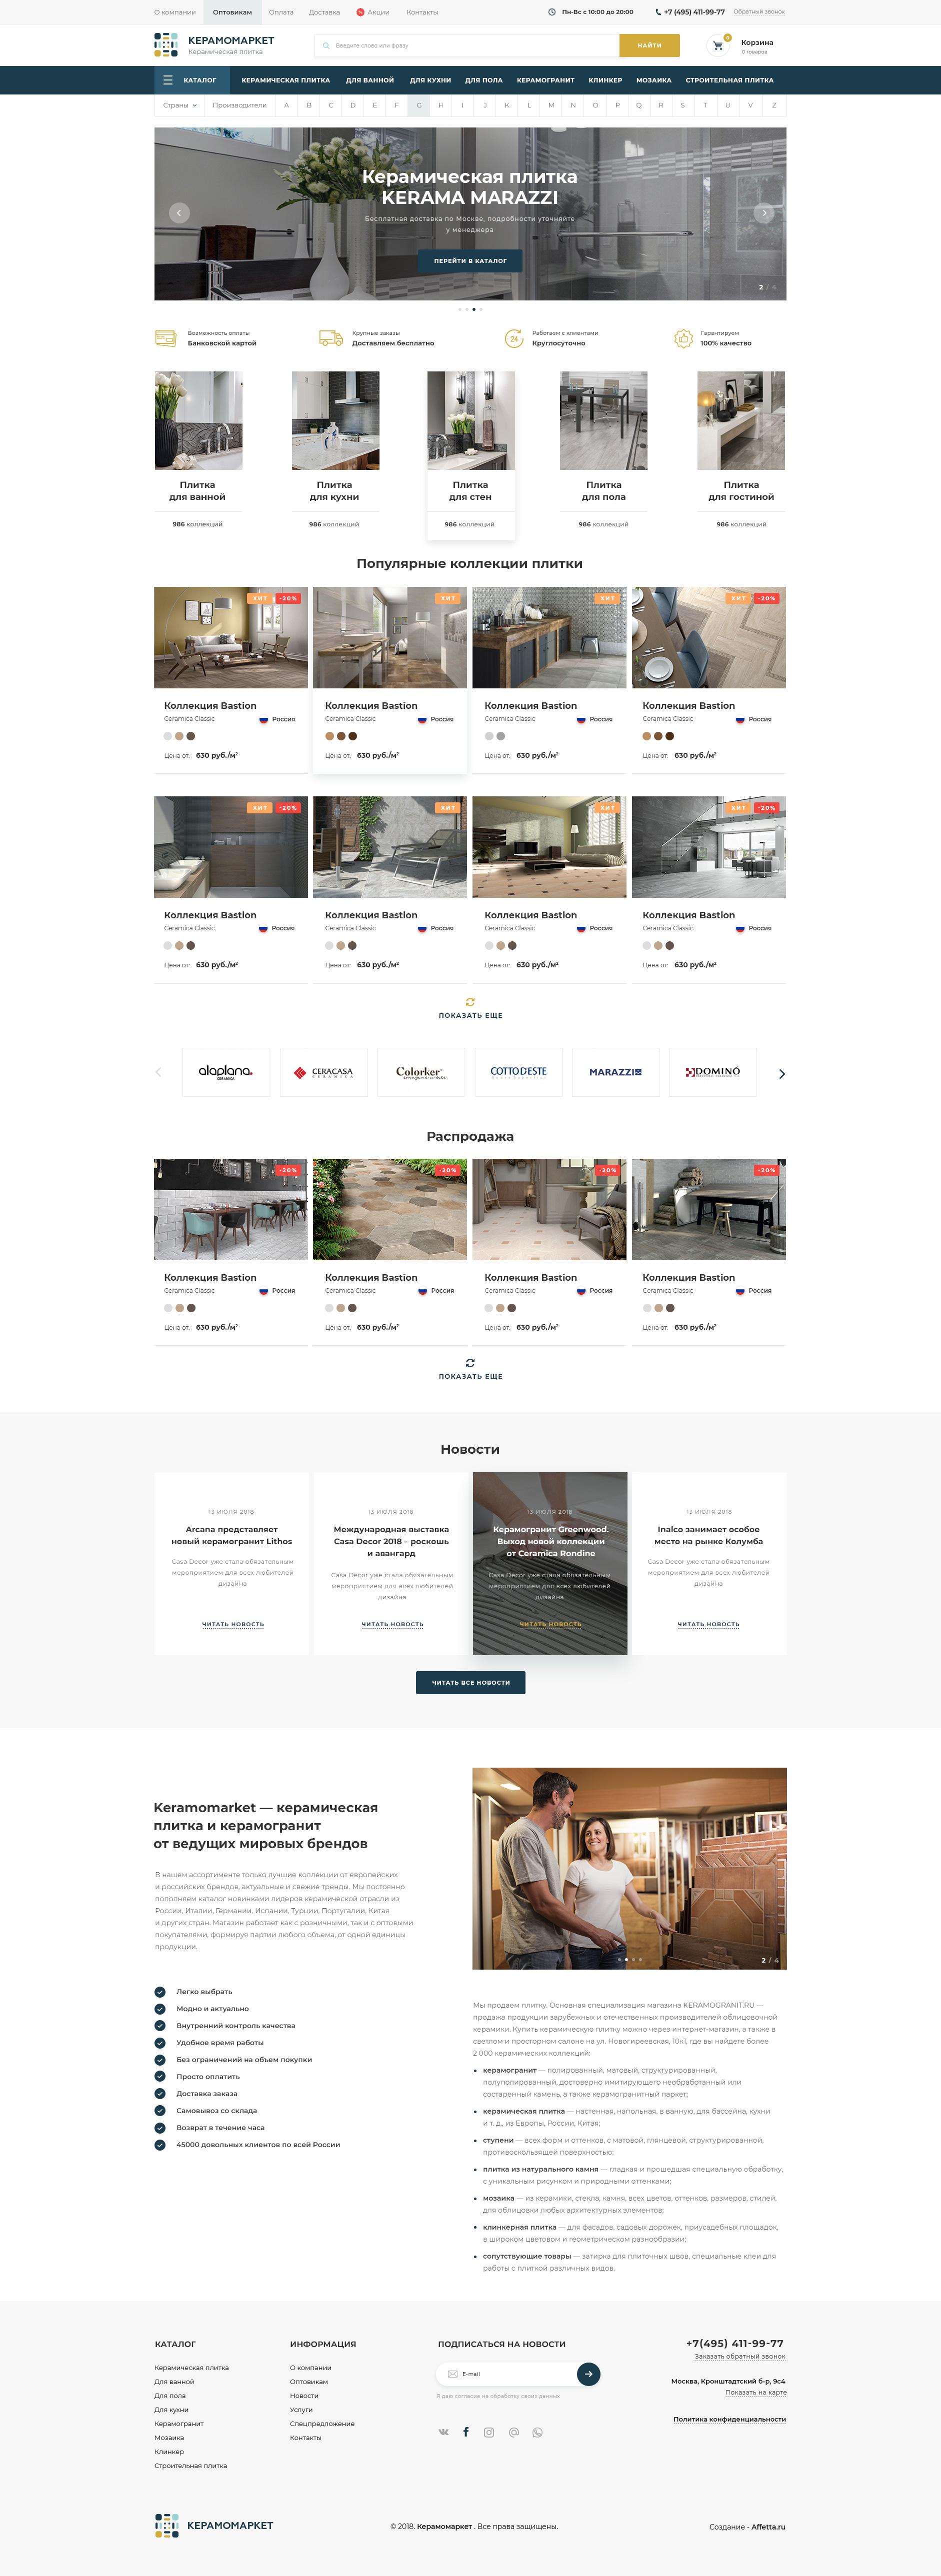 Интернет-магазин керамической плитки KERAMOMAPKET